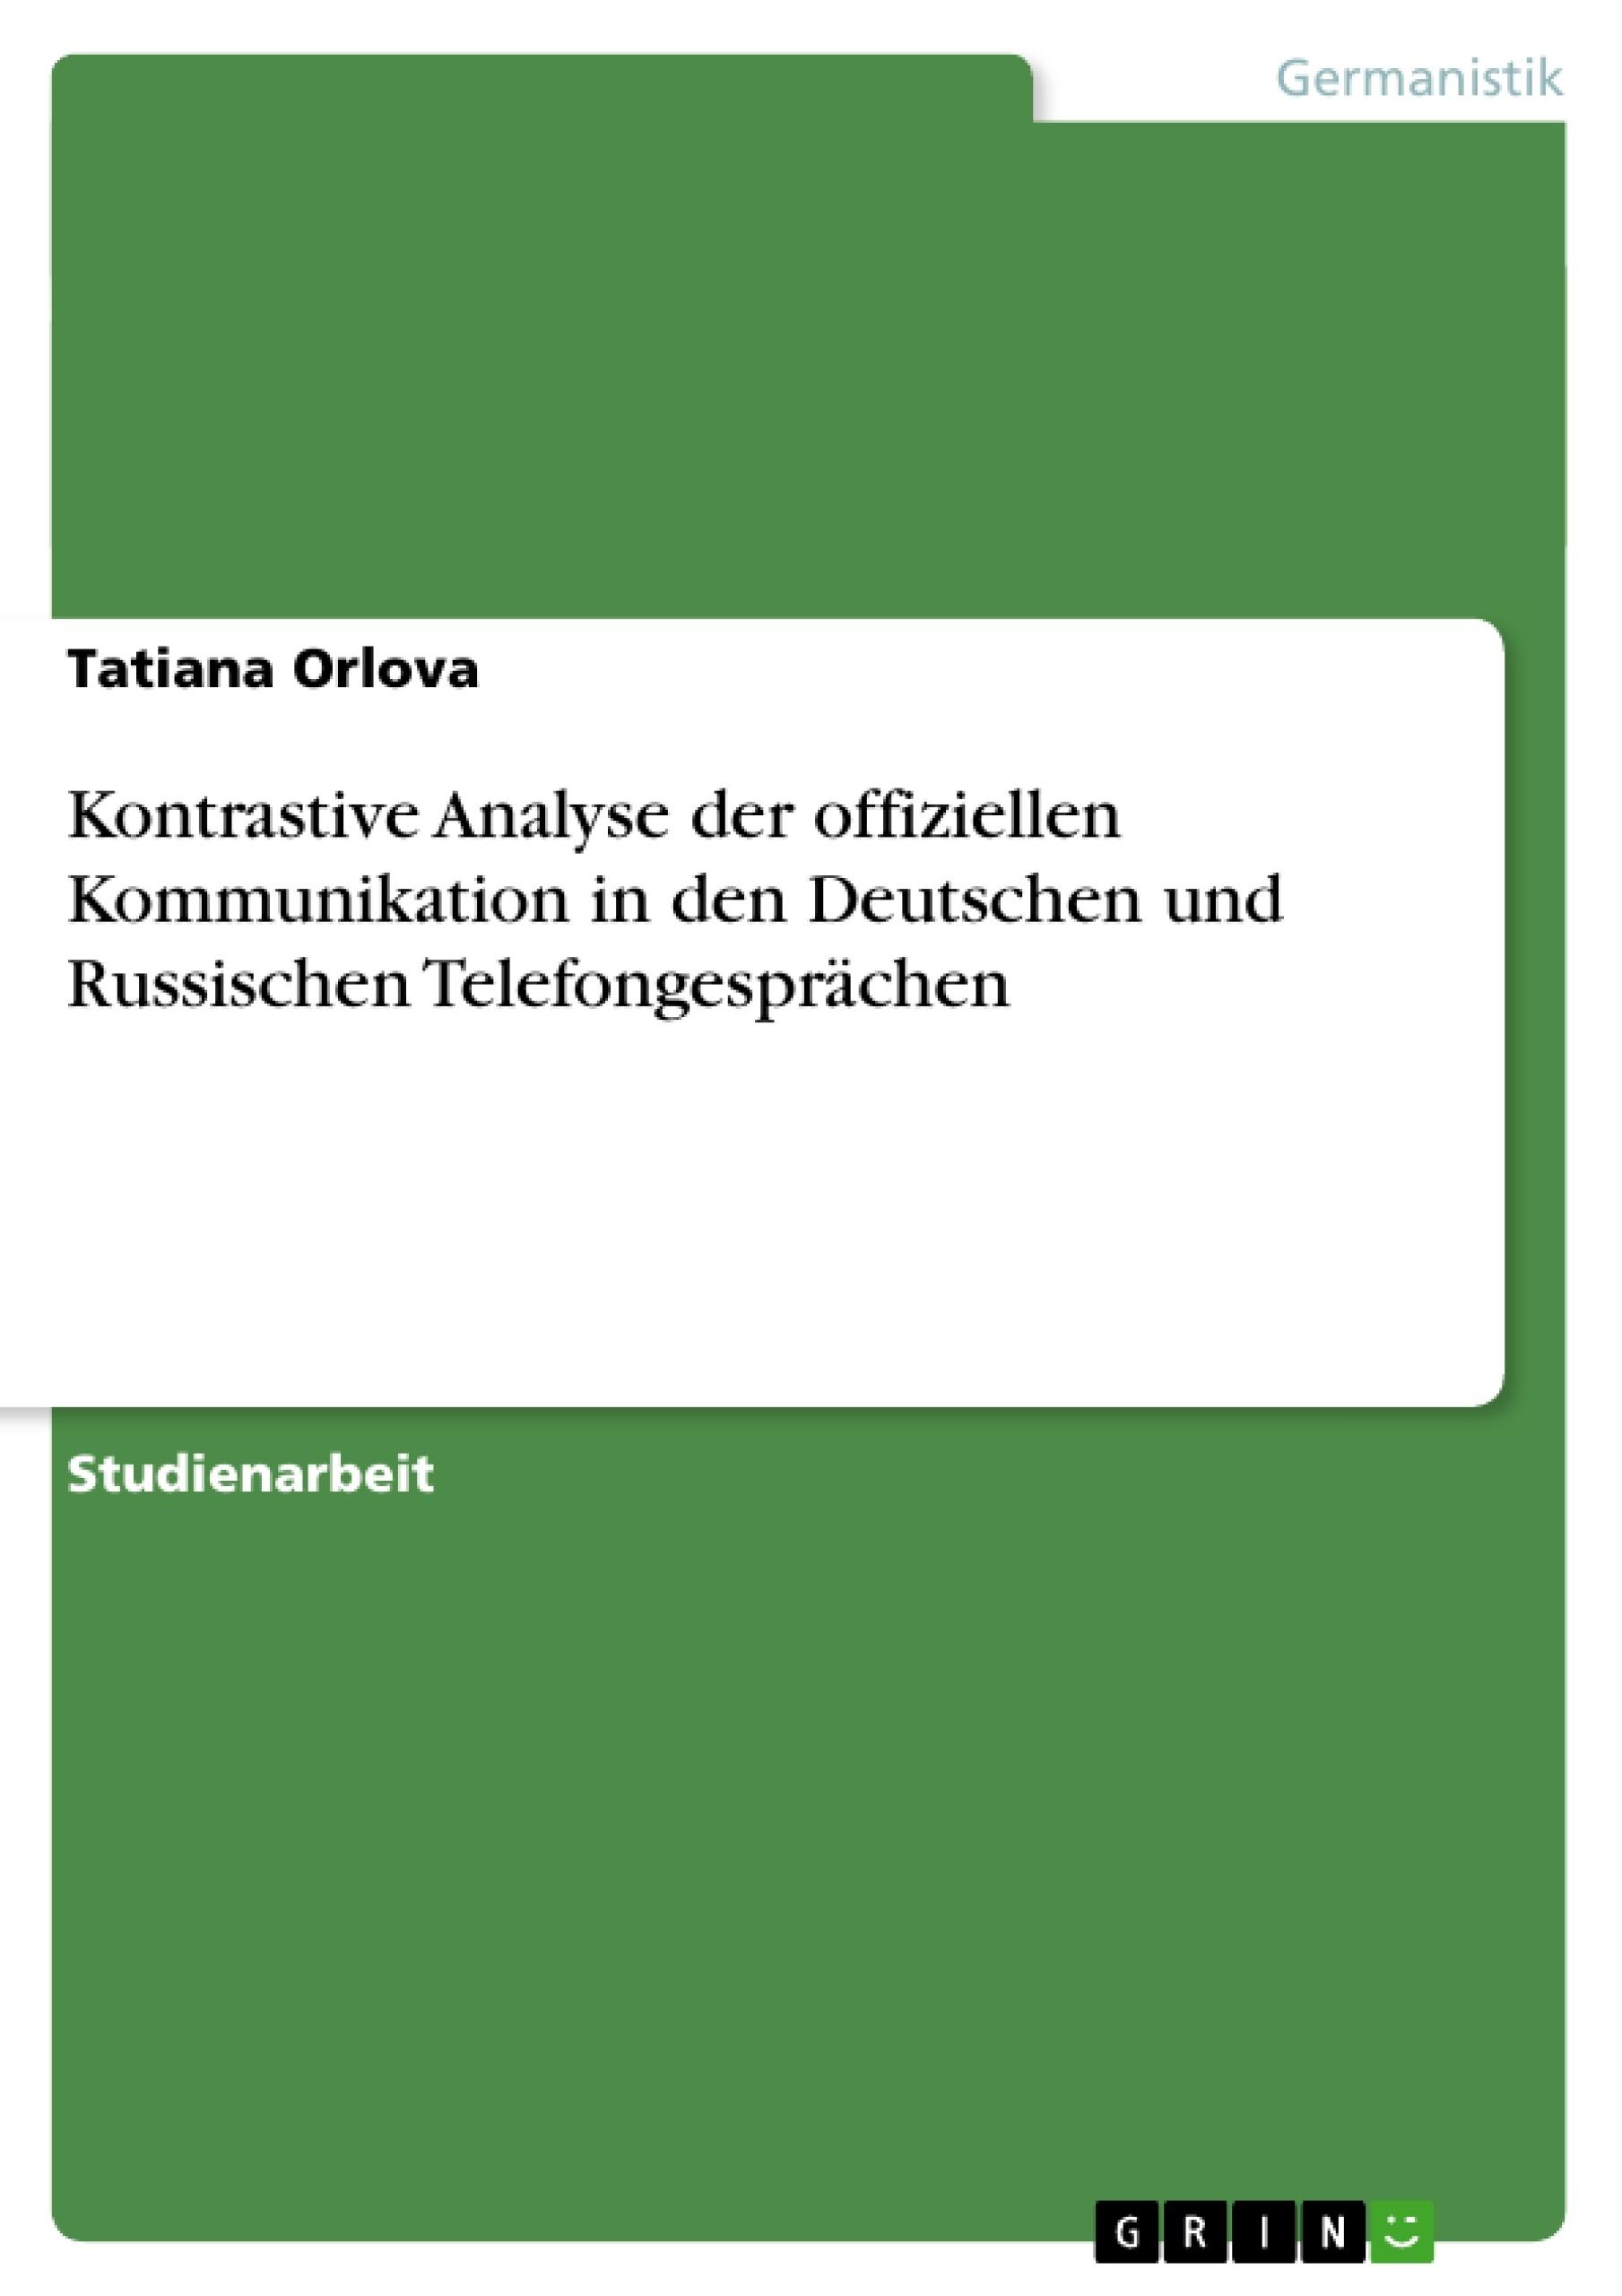 Titel: Kontrastive Analyse der offiziellen Kommunikation in den Deutschen und Russischen Telefongesprächen